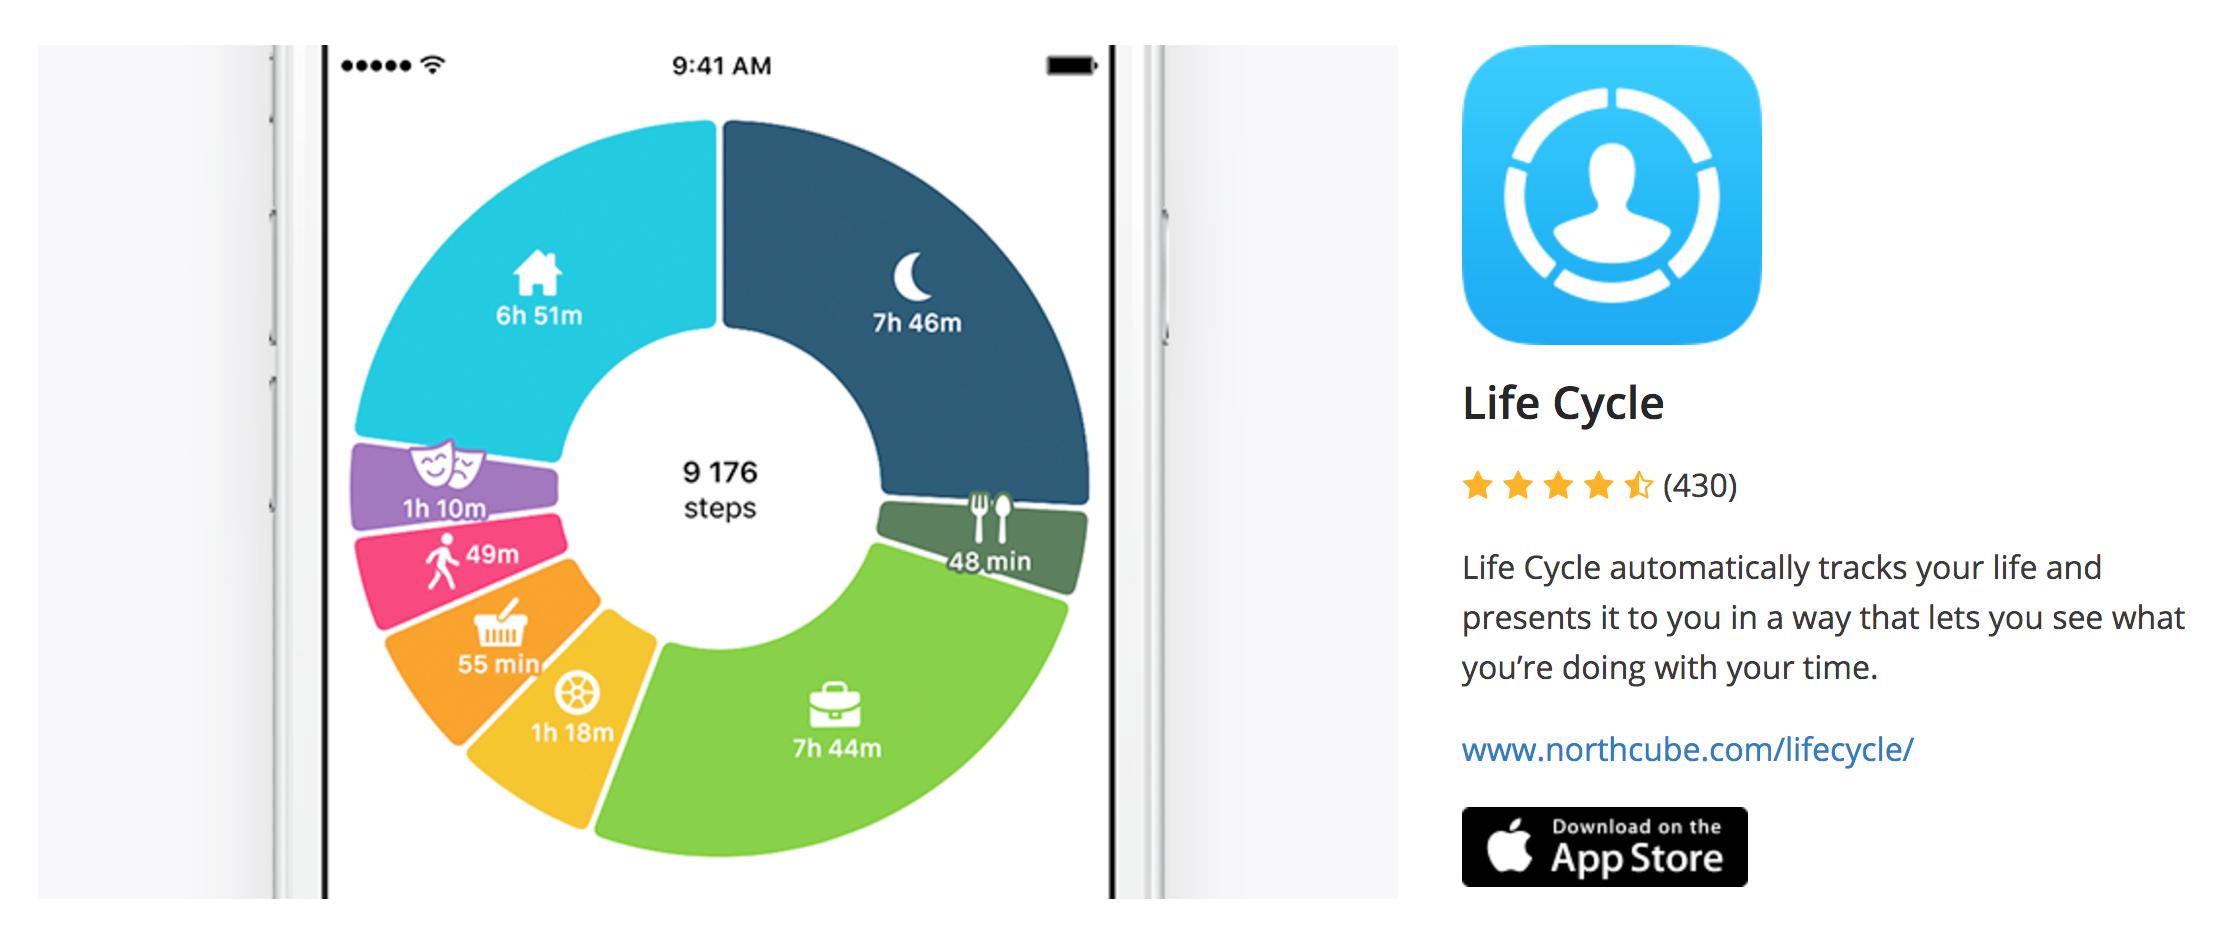 ライフログアプリのlife cycleが さりげなく賢くて気持ち良い